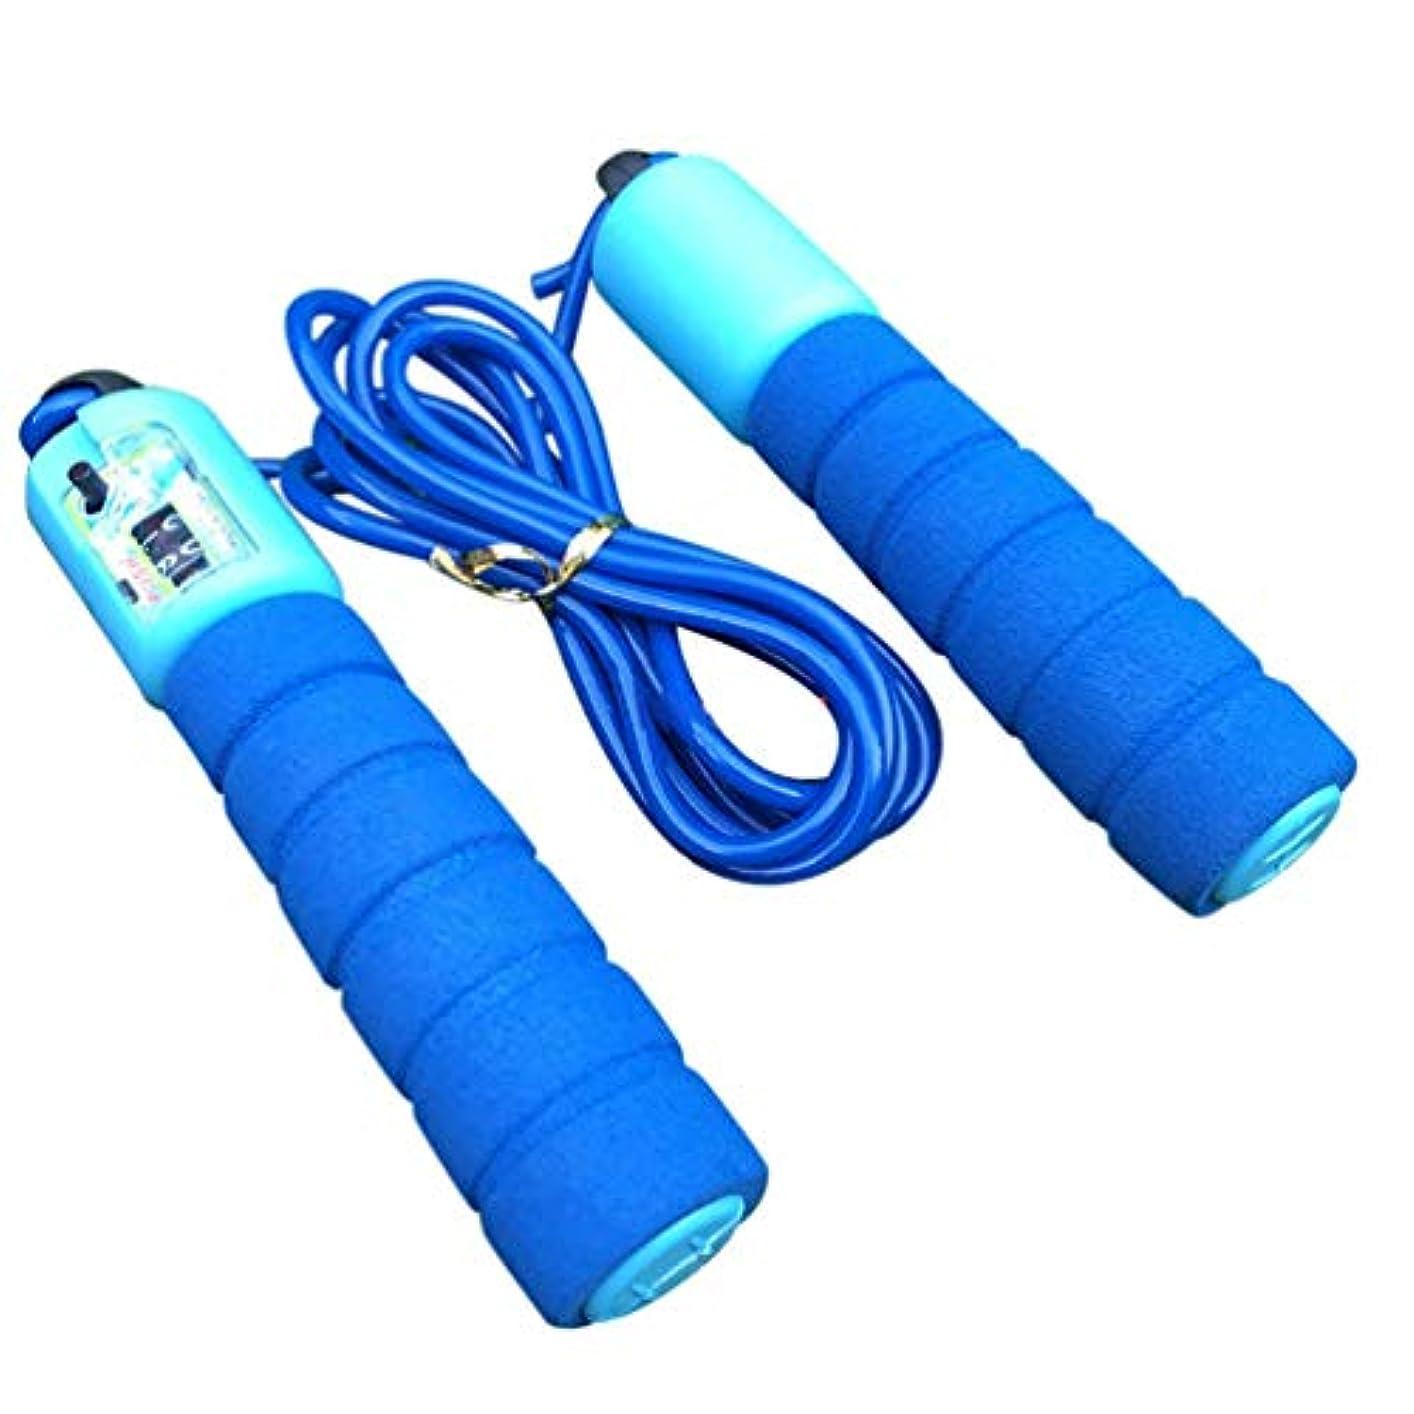 目指す罪従う調整可能なプロフェッショナルカウント縄跳び自動カウントジャンプロープフィットネス運動高速カウントジャンプロープ - 青